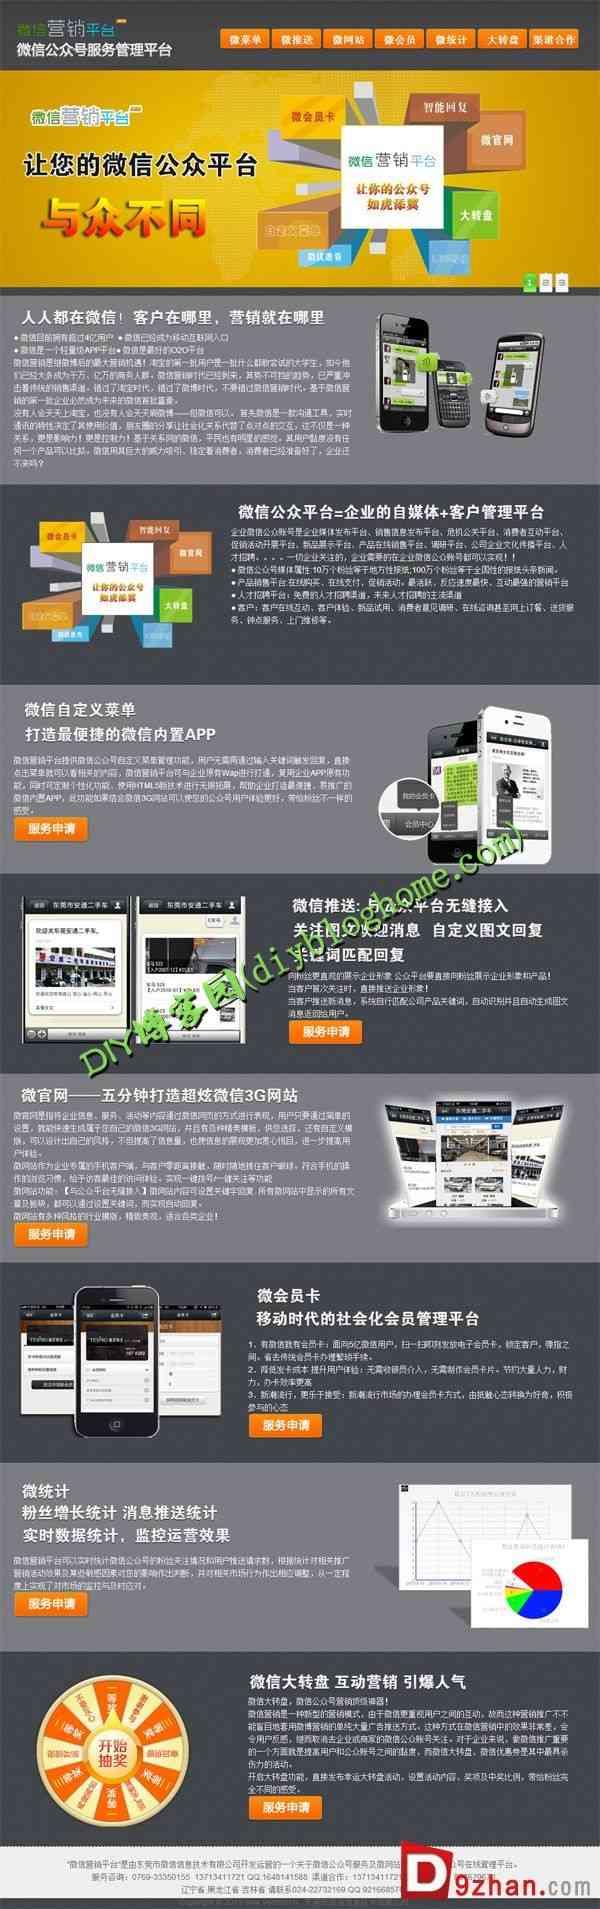 三种不同风格类型网站PSD模版(必有你喜欢的一款)